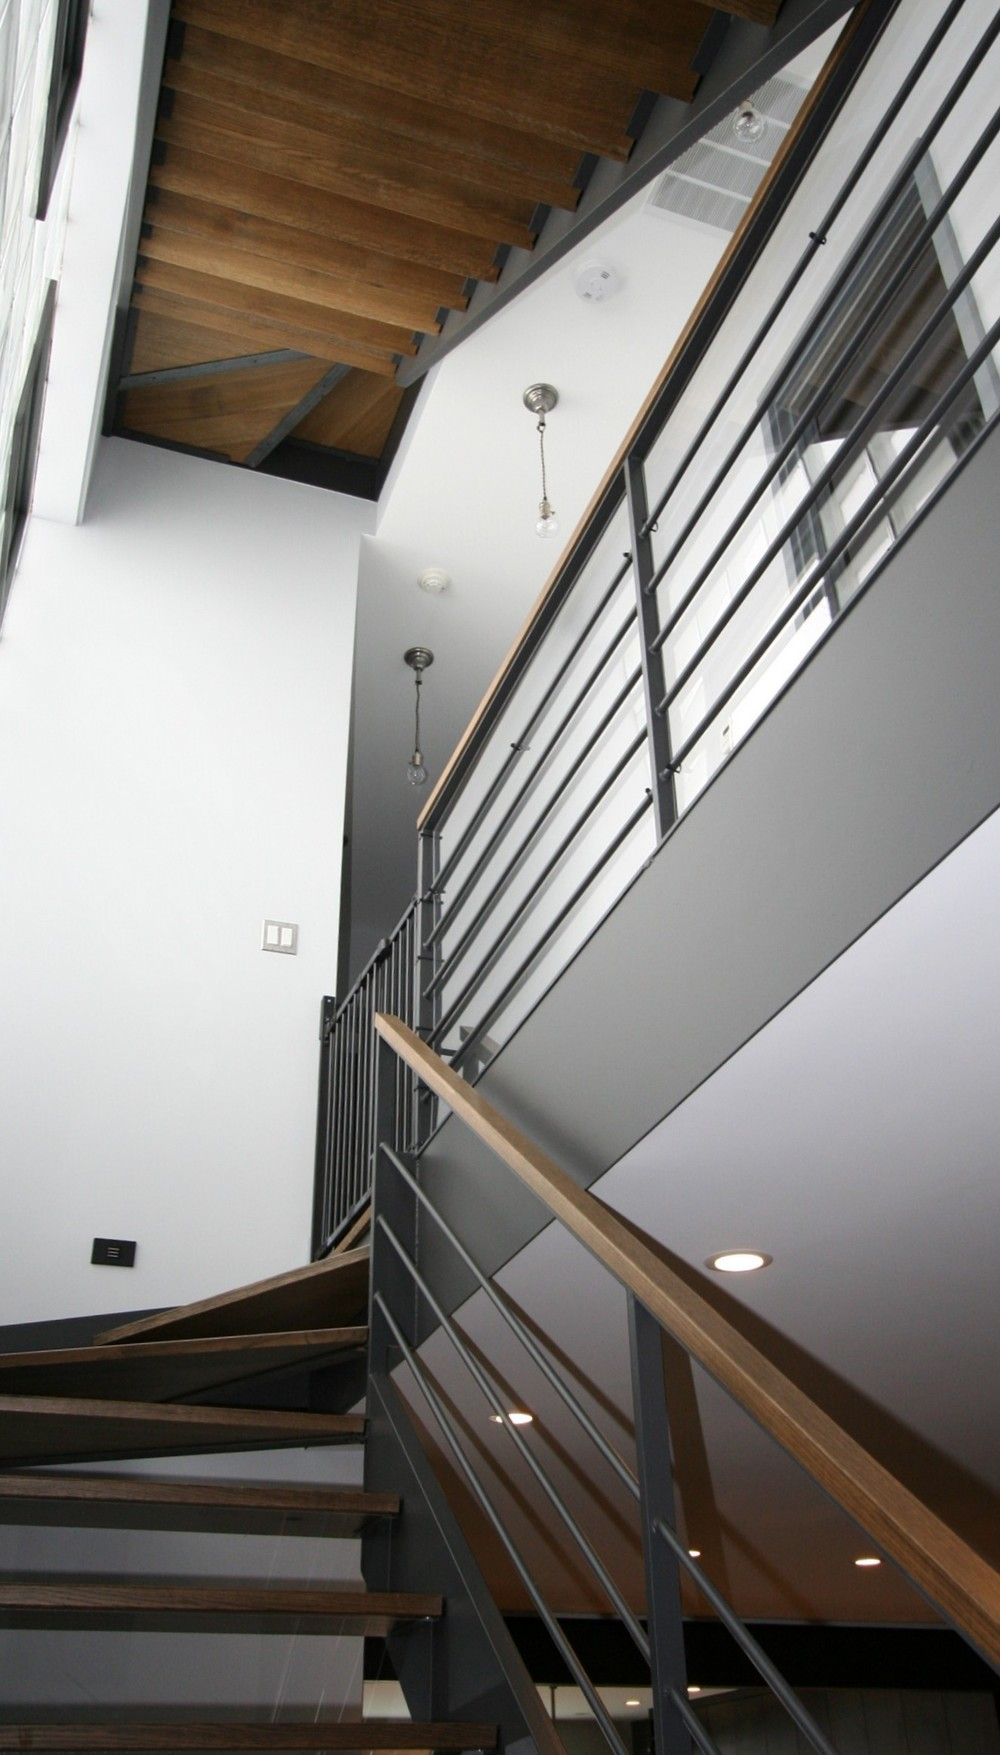 Wabansia Stairs.jpg